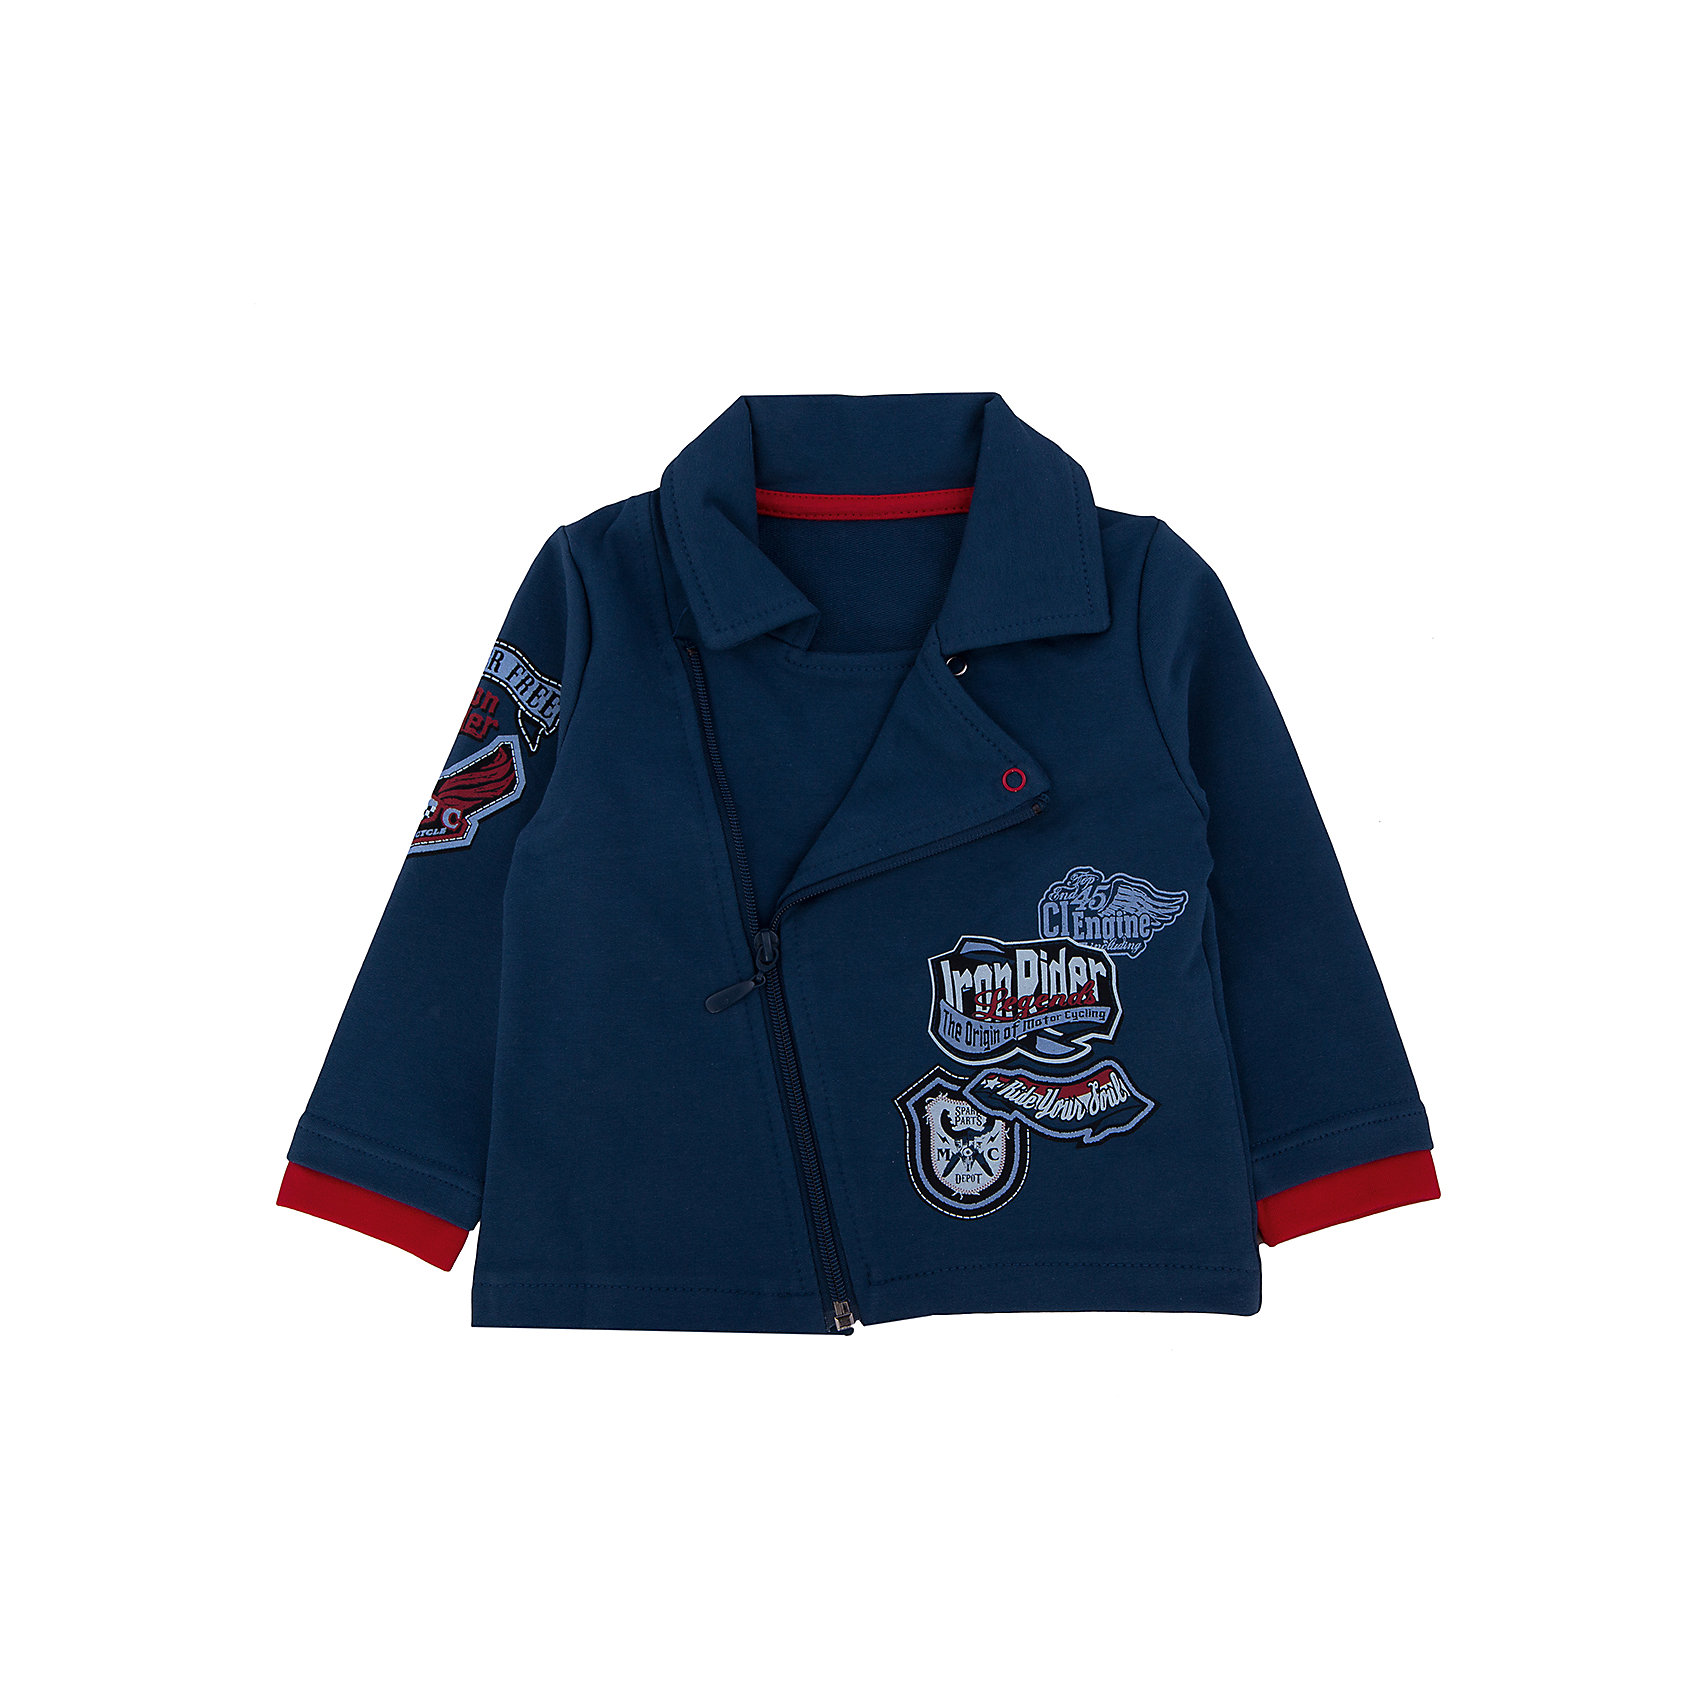 Куртка для мальчика АпрельОригинальная куртка из мягкого хлопка. Приятная на ощупь, не сковывает движения, обеспечивая наибольший комфорт. Изделие с длинными рукавами и отложным воротничком, застегивается на косую молнию по принципу косухи, украшен дизайнерским брутальным принтом. Индивидуальный дизайн и модная расцветка делают этот комплект незаменимым предметом детского гардероба. Состав: 95% хлопок, 5% лайкра<br><br>Ширина мм: 356<br>Глубина мм: 10<br>Высота мм: 245<br>Вес г: 519<br>Цвет: синий<br>Возраст от месяцев: 6<br>Возраст до месяцев: 9<br>Пол: Мужской<br>Возраст: Детский<br>Размер: 74,80<br>SKU: 4630890